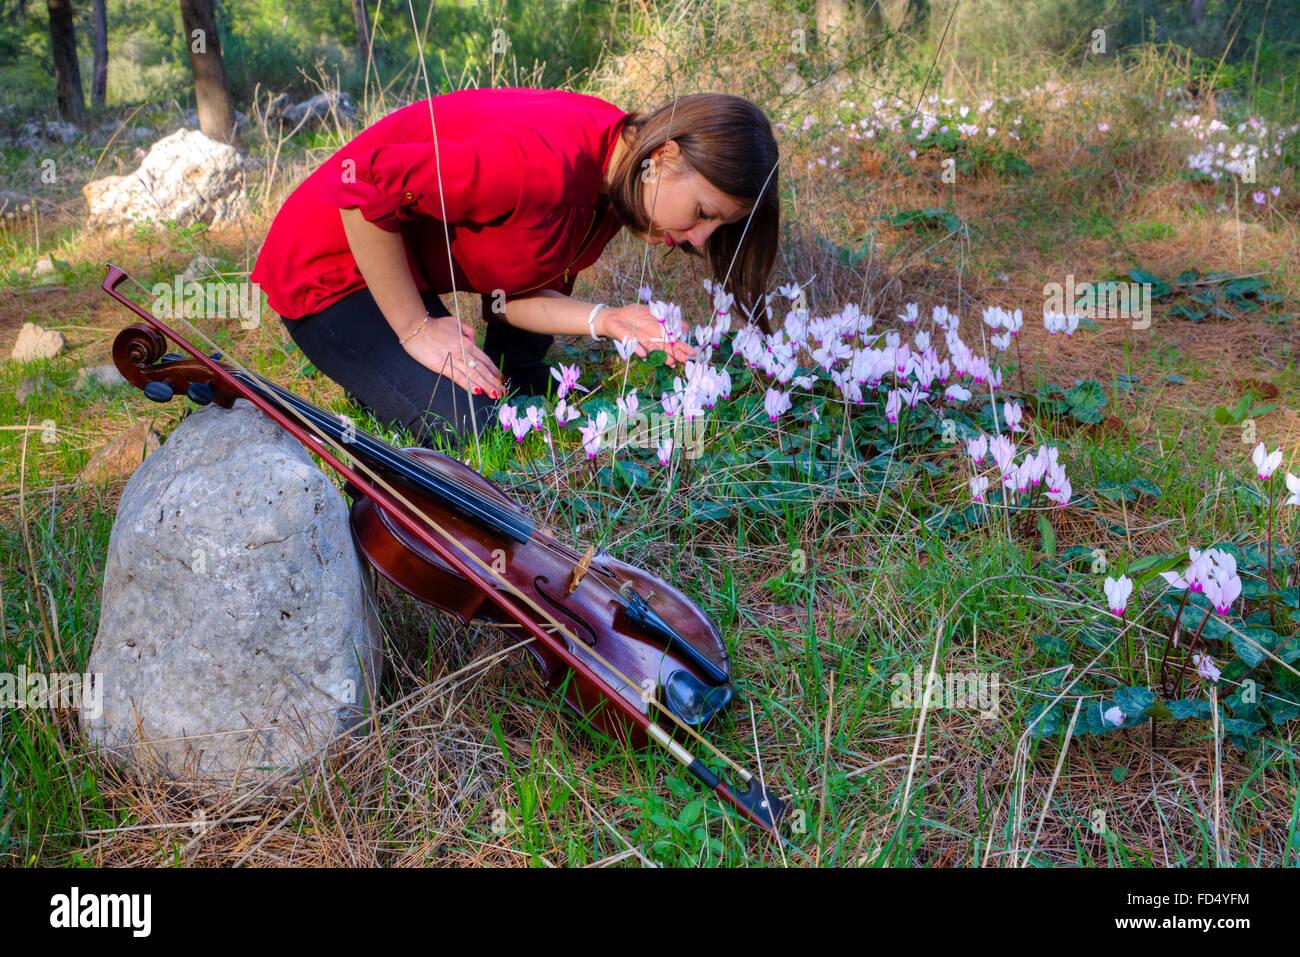 Ragazza ha messo il violino e raccoglie i fiori. Poca profondità di campo Immagini Stock